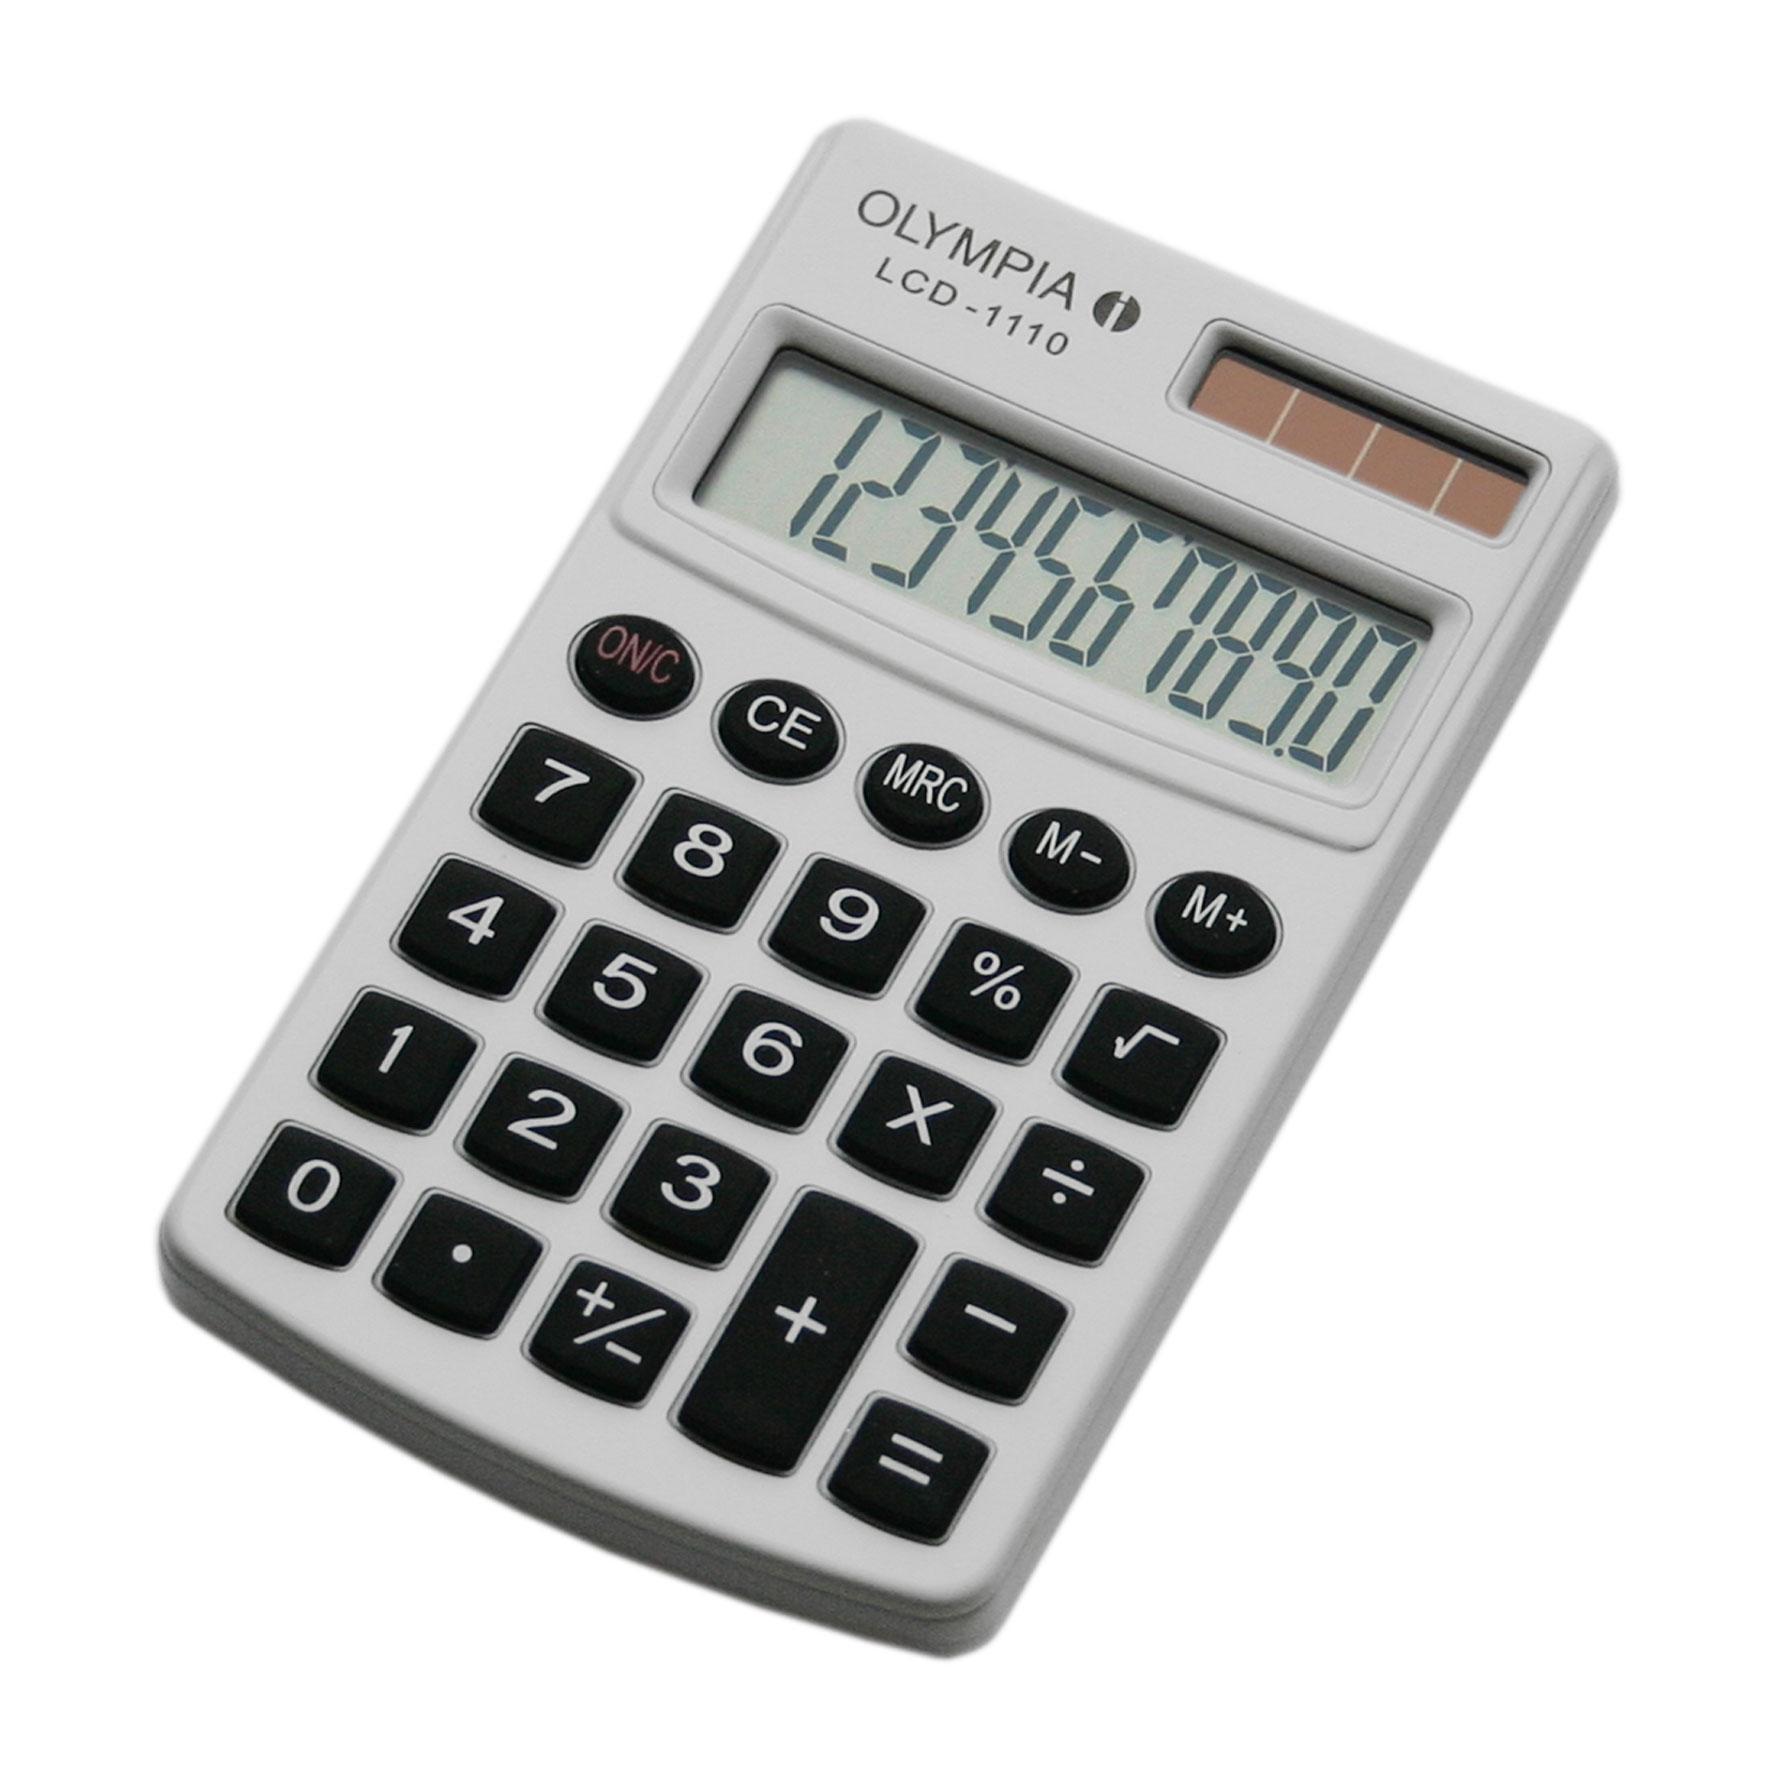 Olympia LCD 1110 - Einfacher Taschenrechner - 10-stelliges Display -weiß